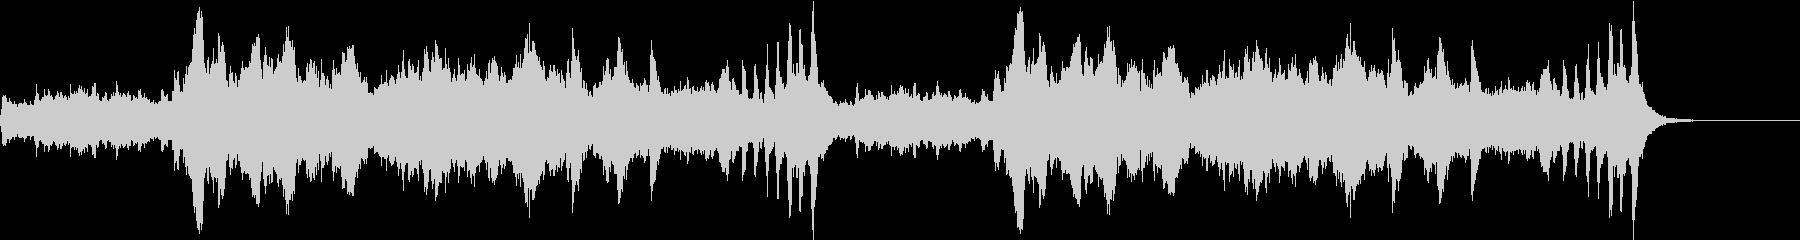 軽快爽やかストリングス ホルベルク組曲の未再生の波形